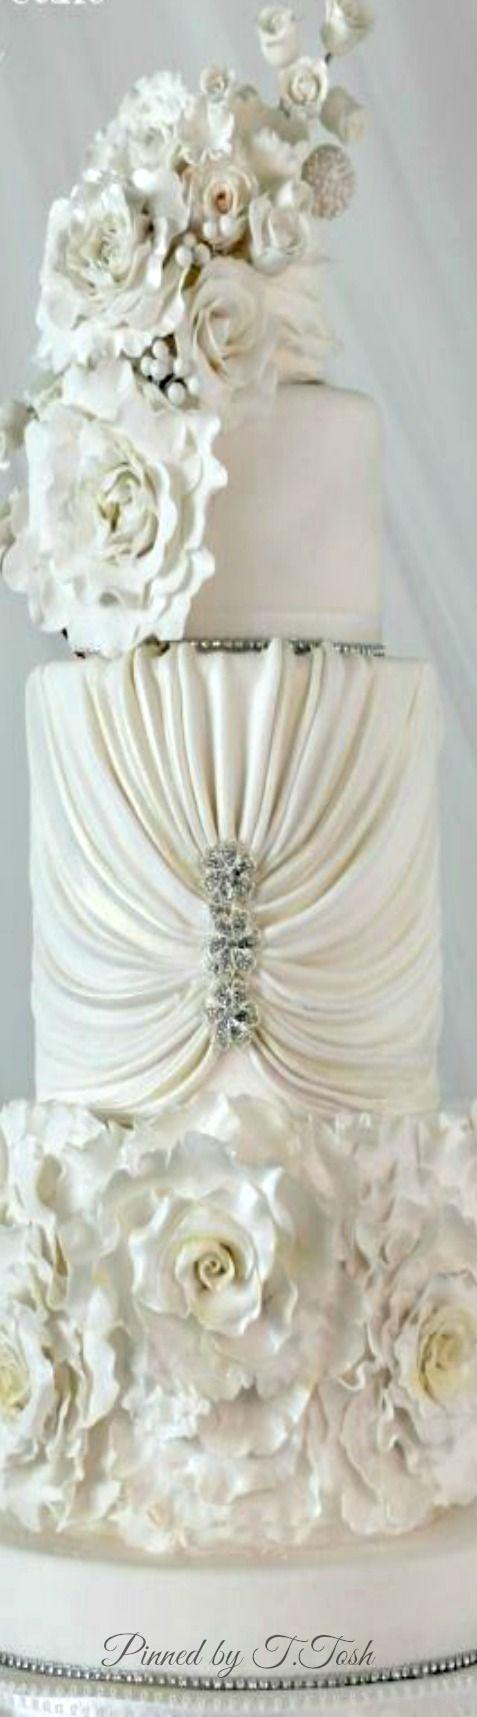 All White Wedding Cake • I Do | Lovely Brides | Pinterest | White ...